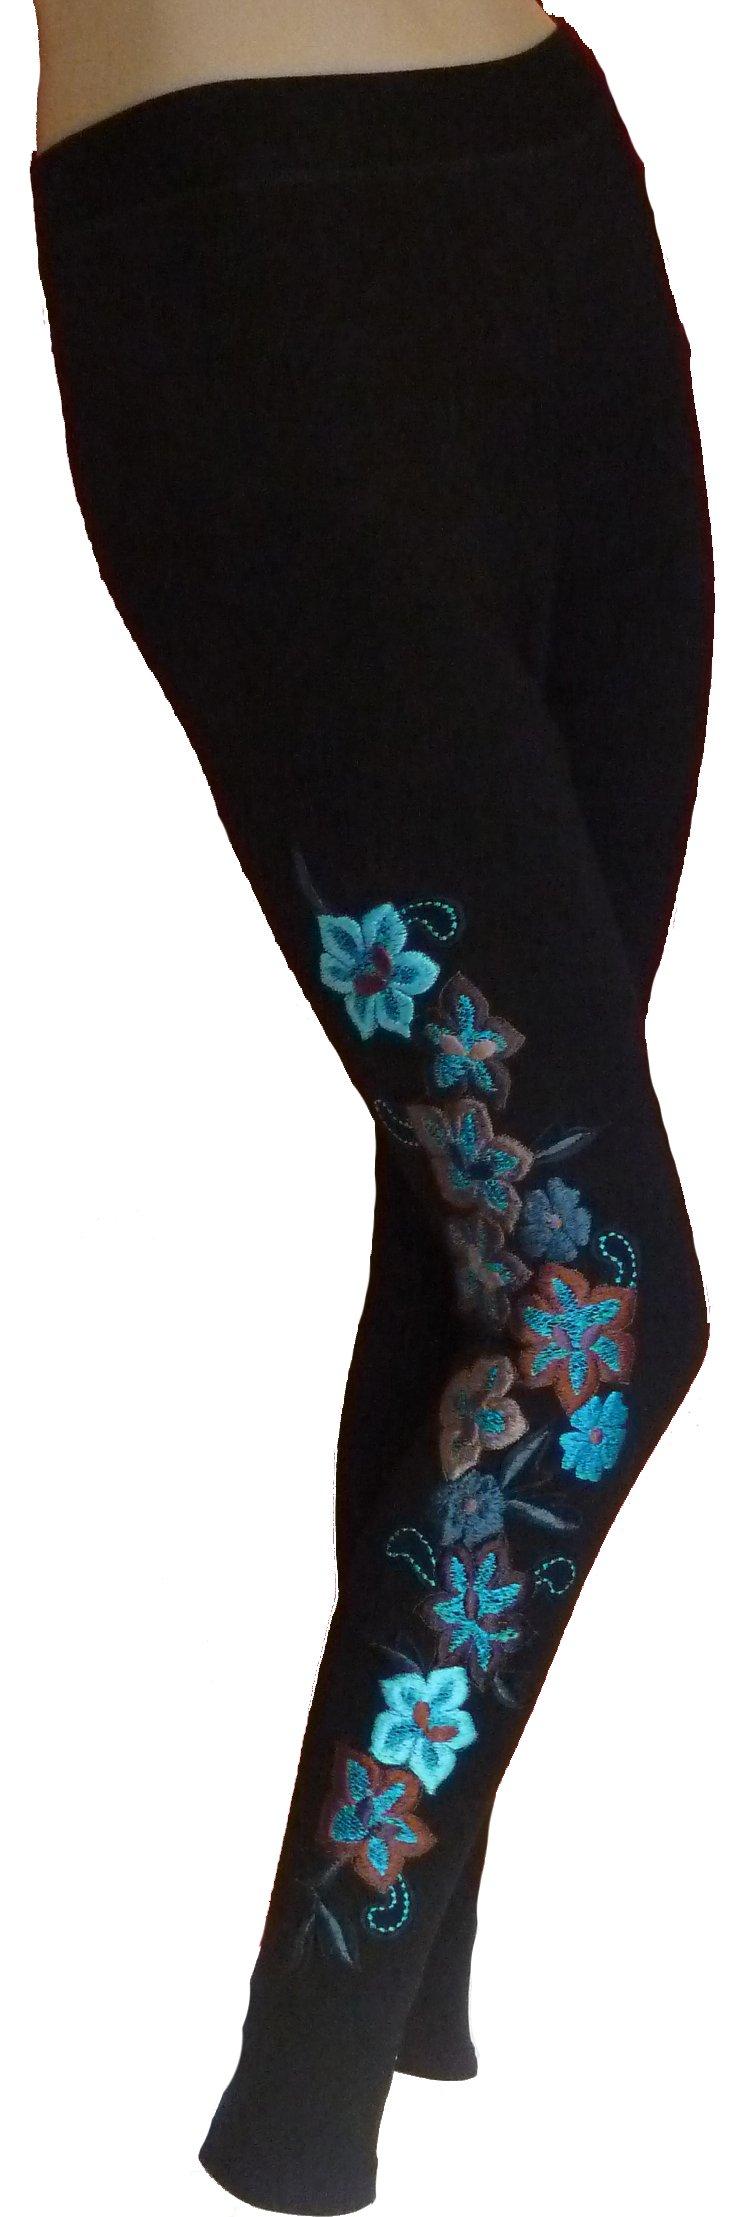 Black Turquoise FW3296